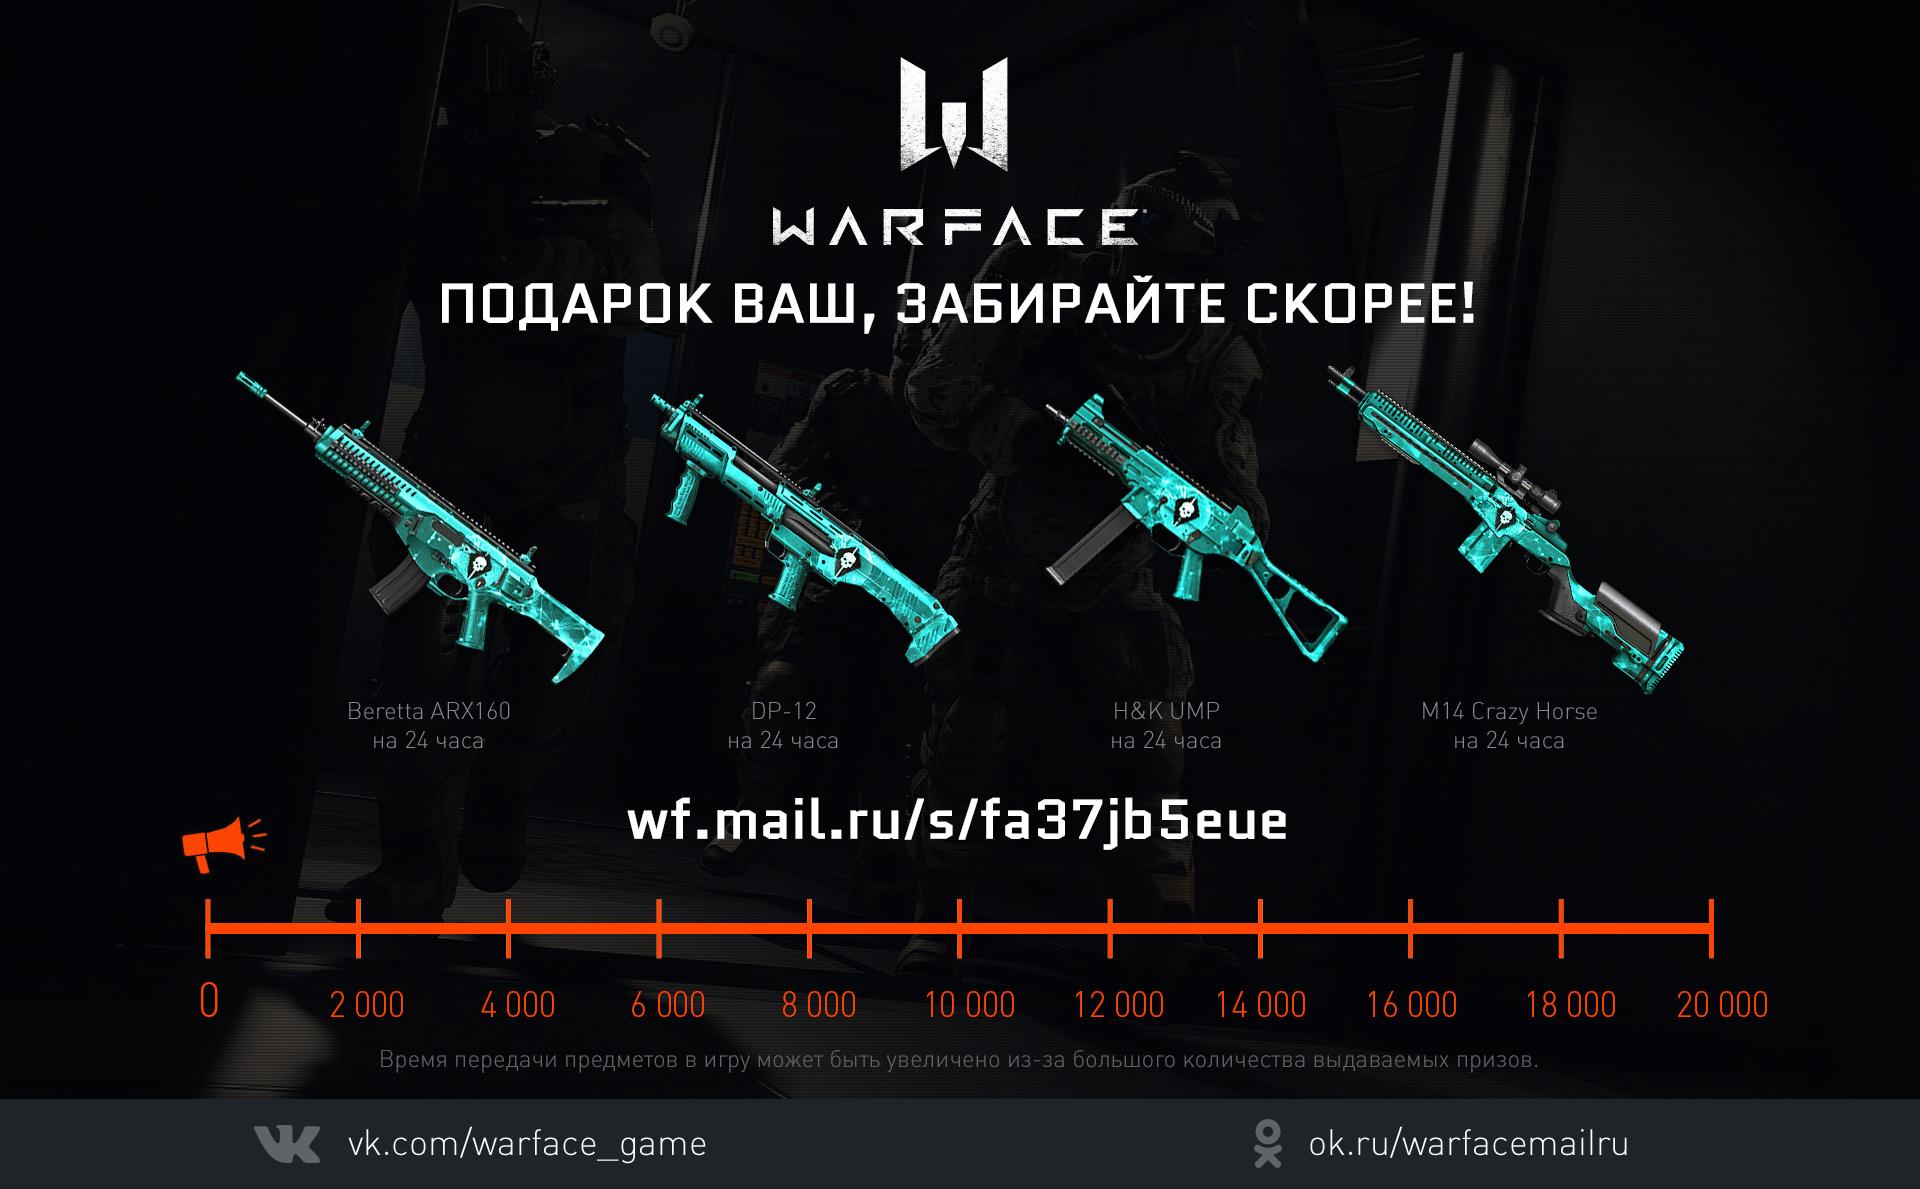 Программа бонусов WARFACE 81